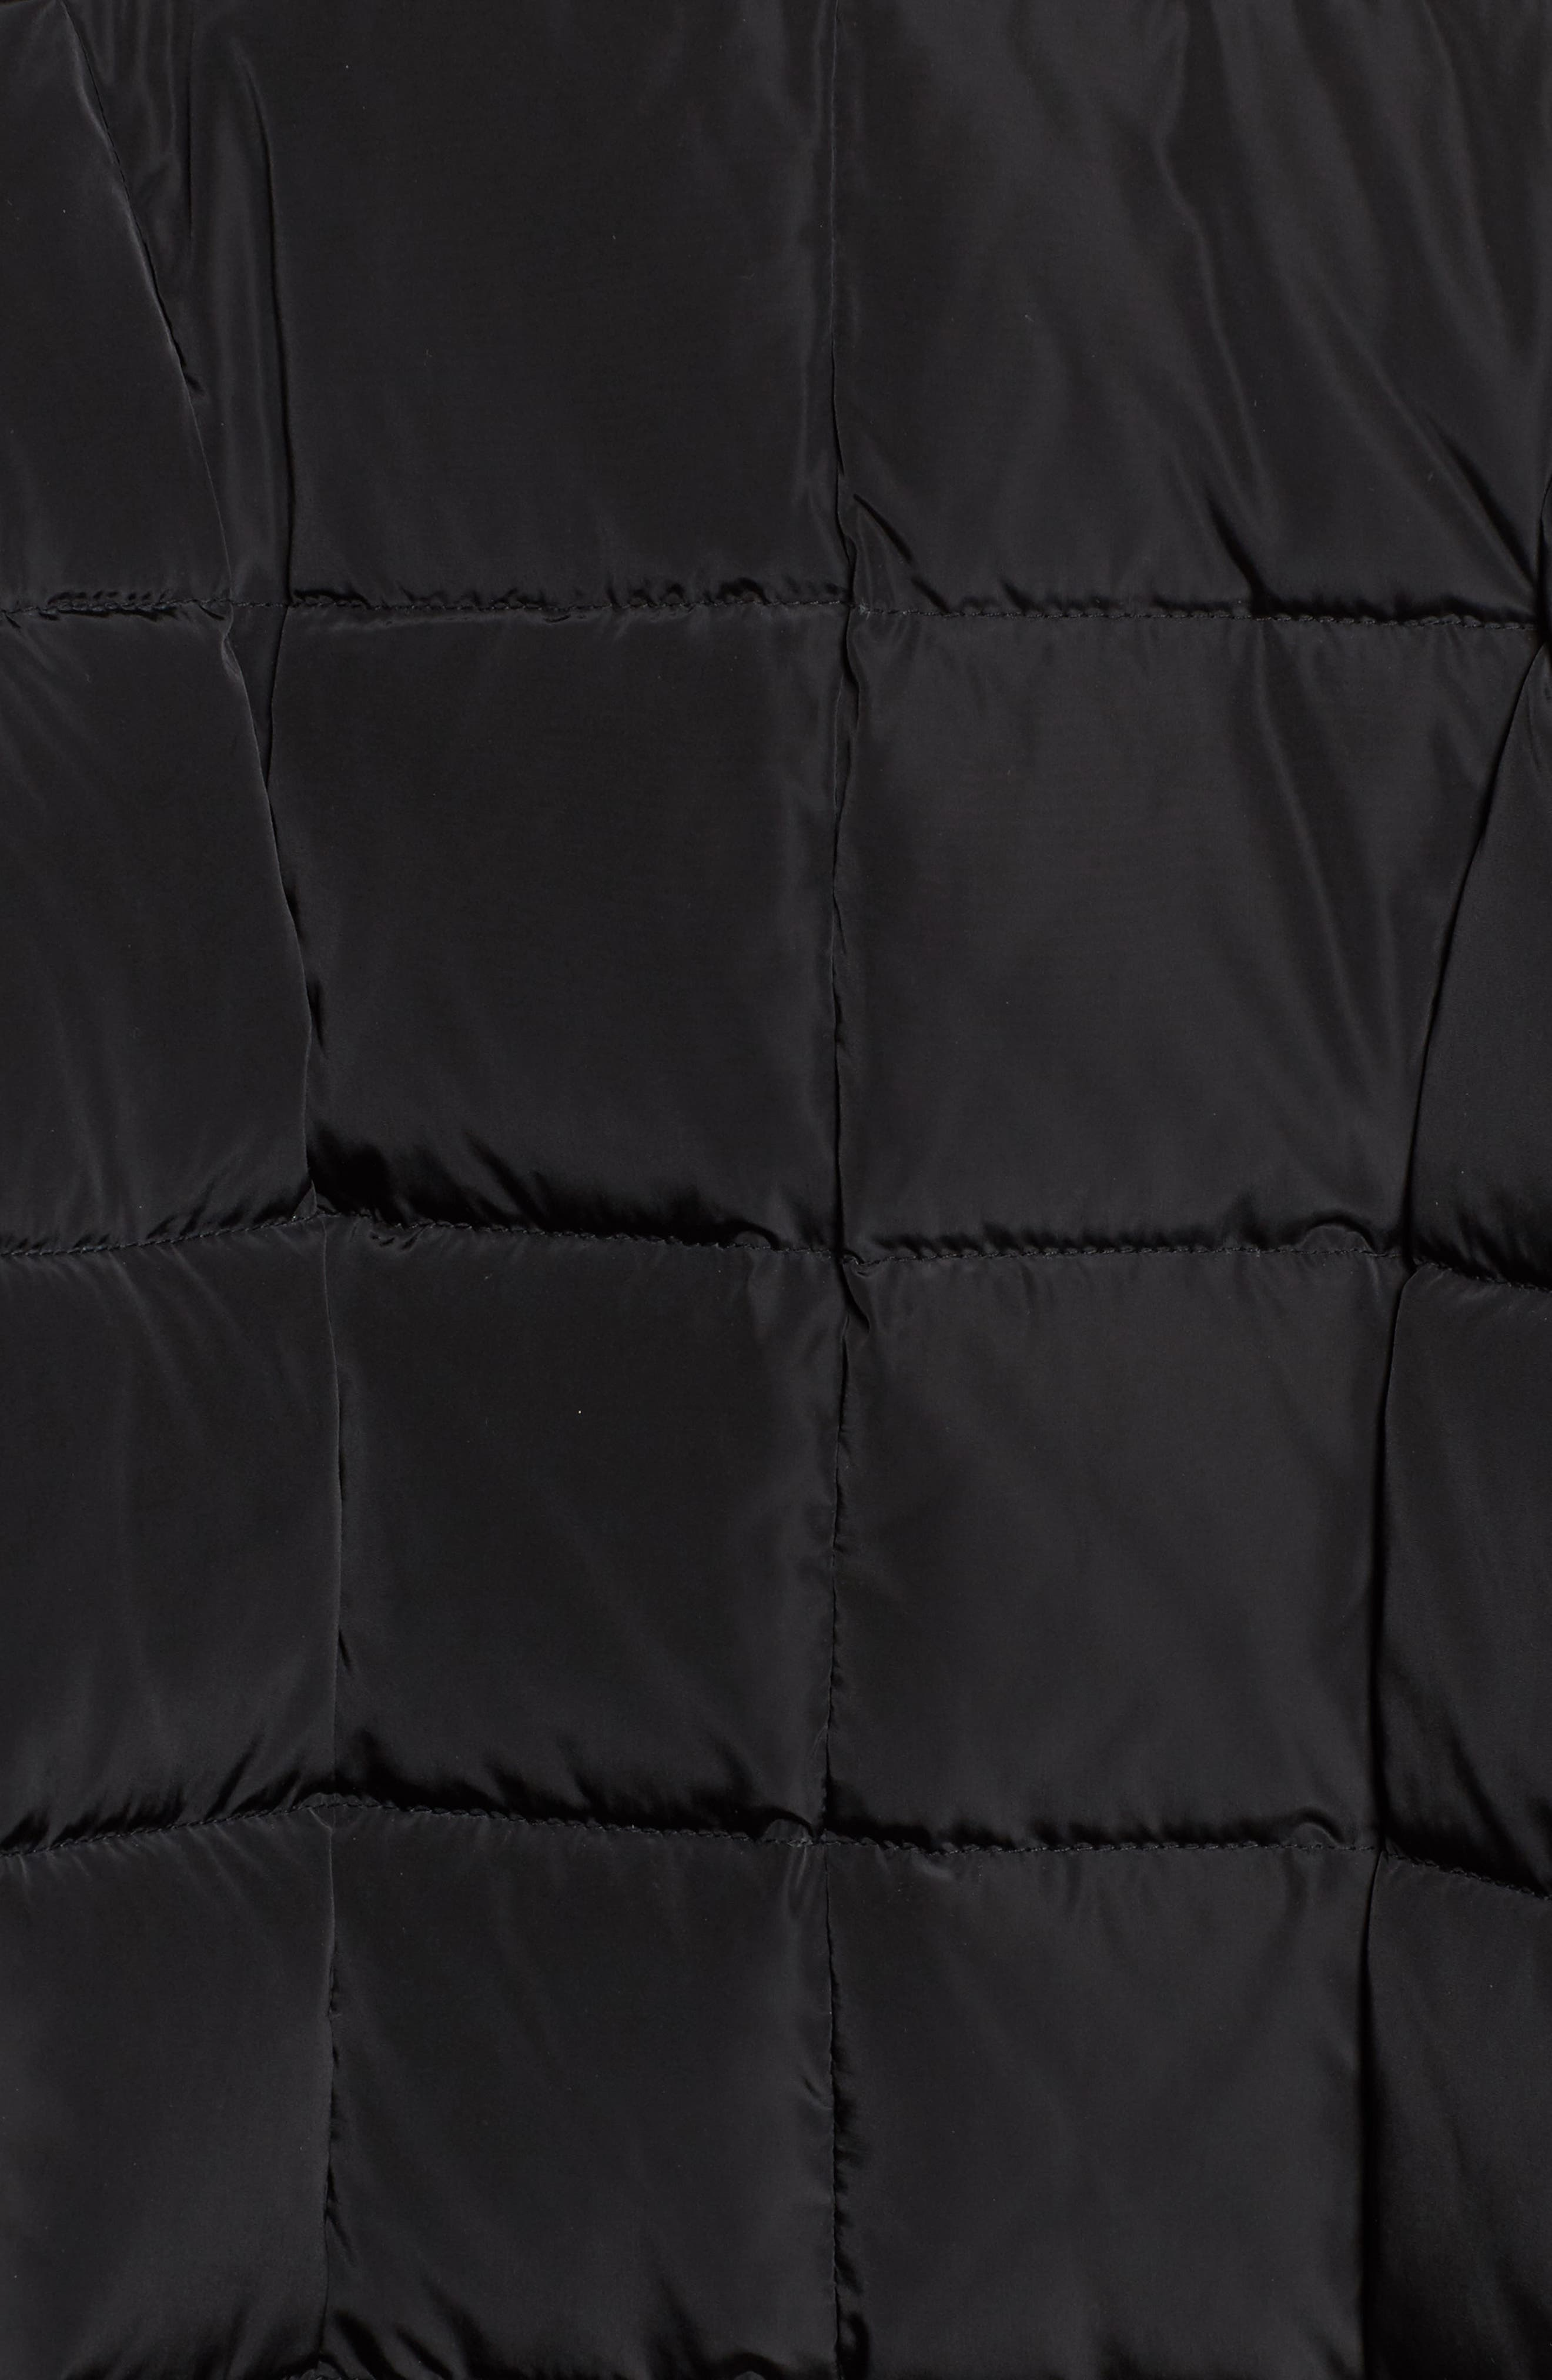 Down Coat with Faux Fur Trim,                             Alternate thumbnail 6, color,                             001